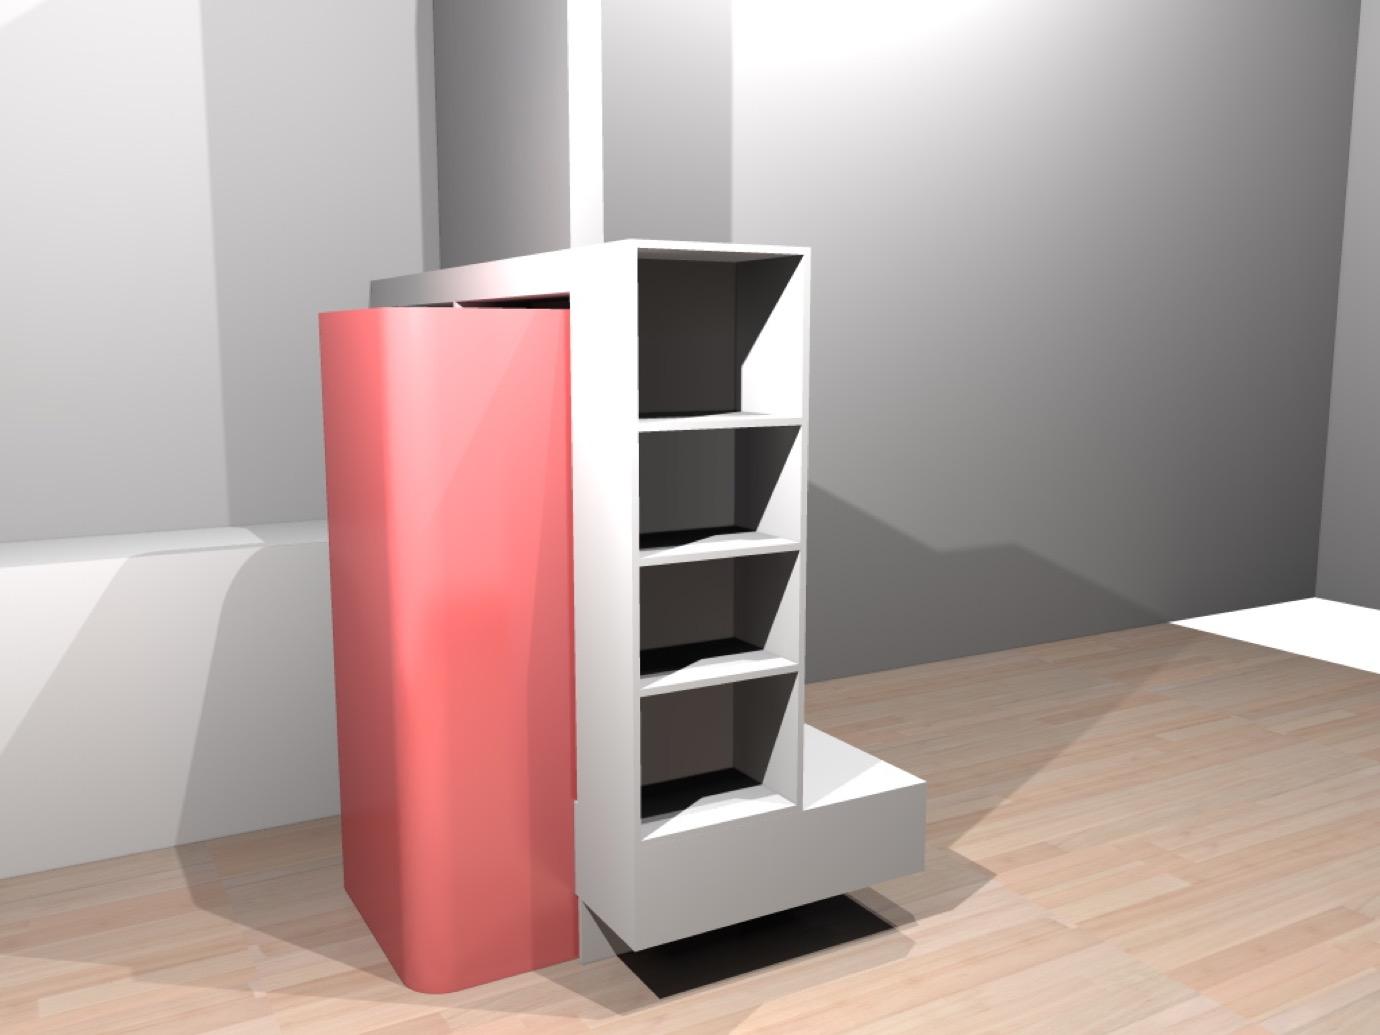 Scheidingswand Woonkamer Keuken : Scheidingswanden woonkamer keuken file interieur kamer en suite